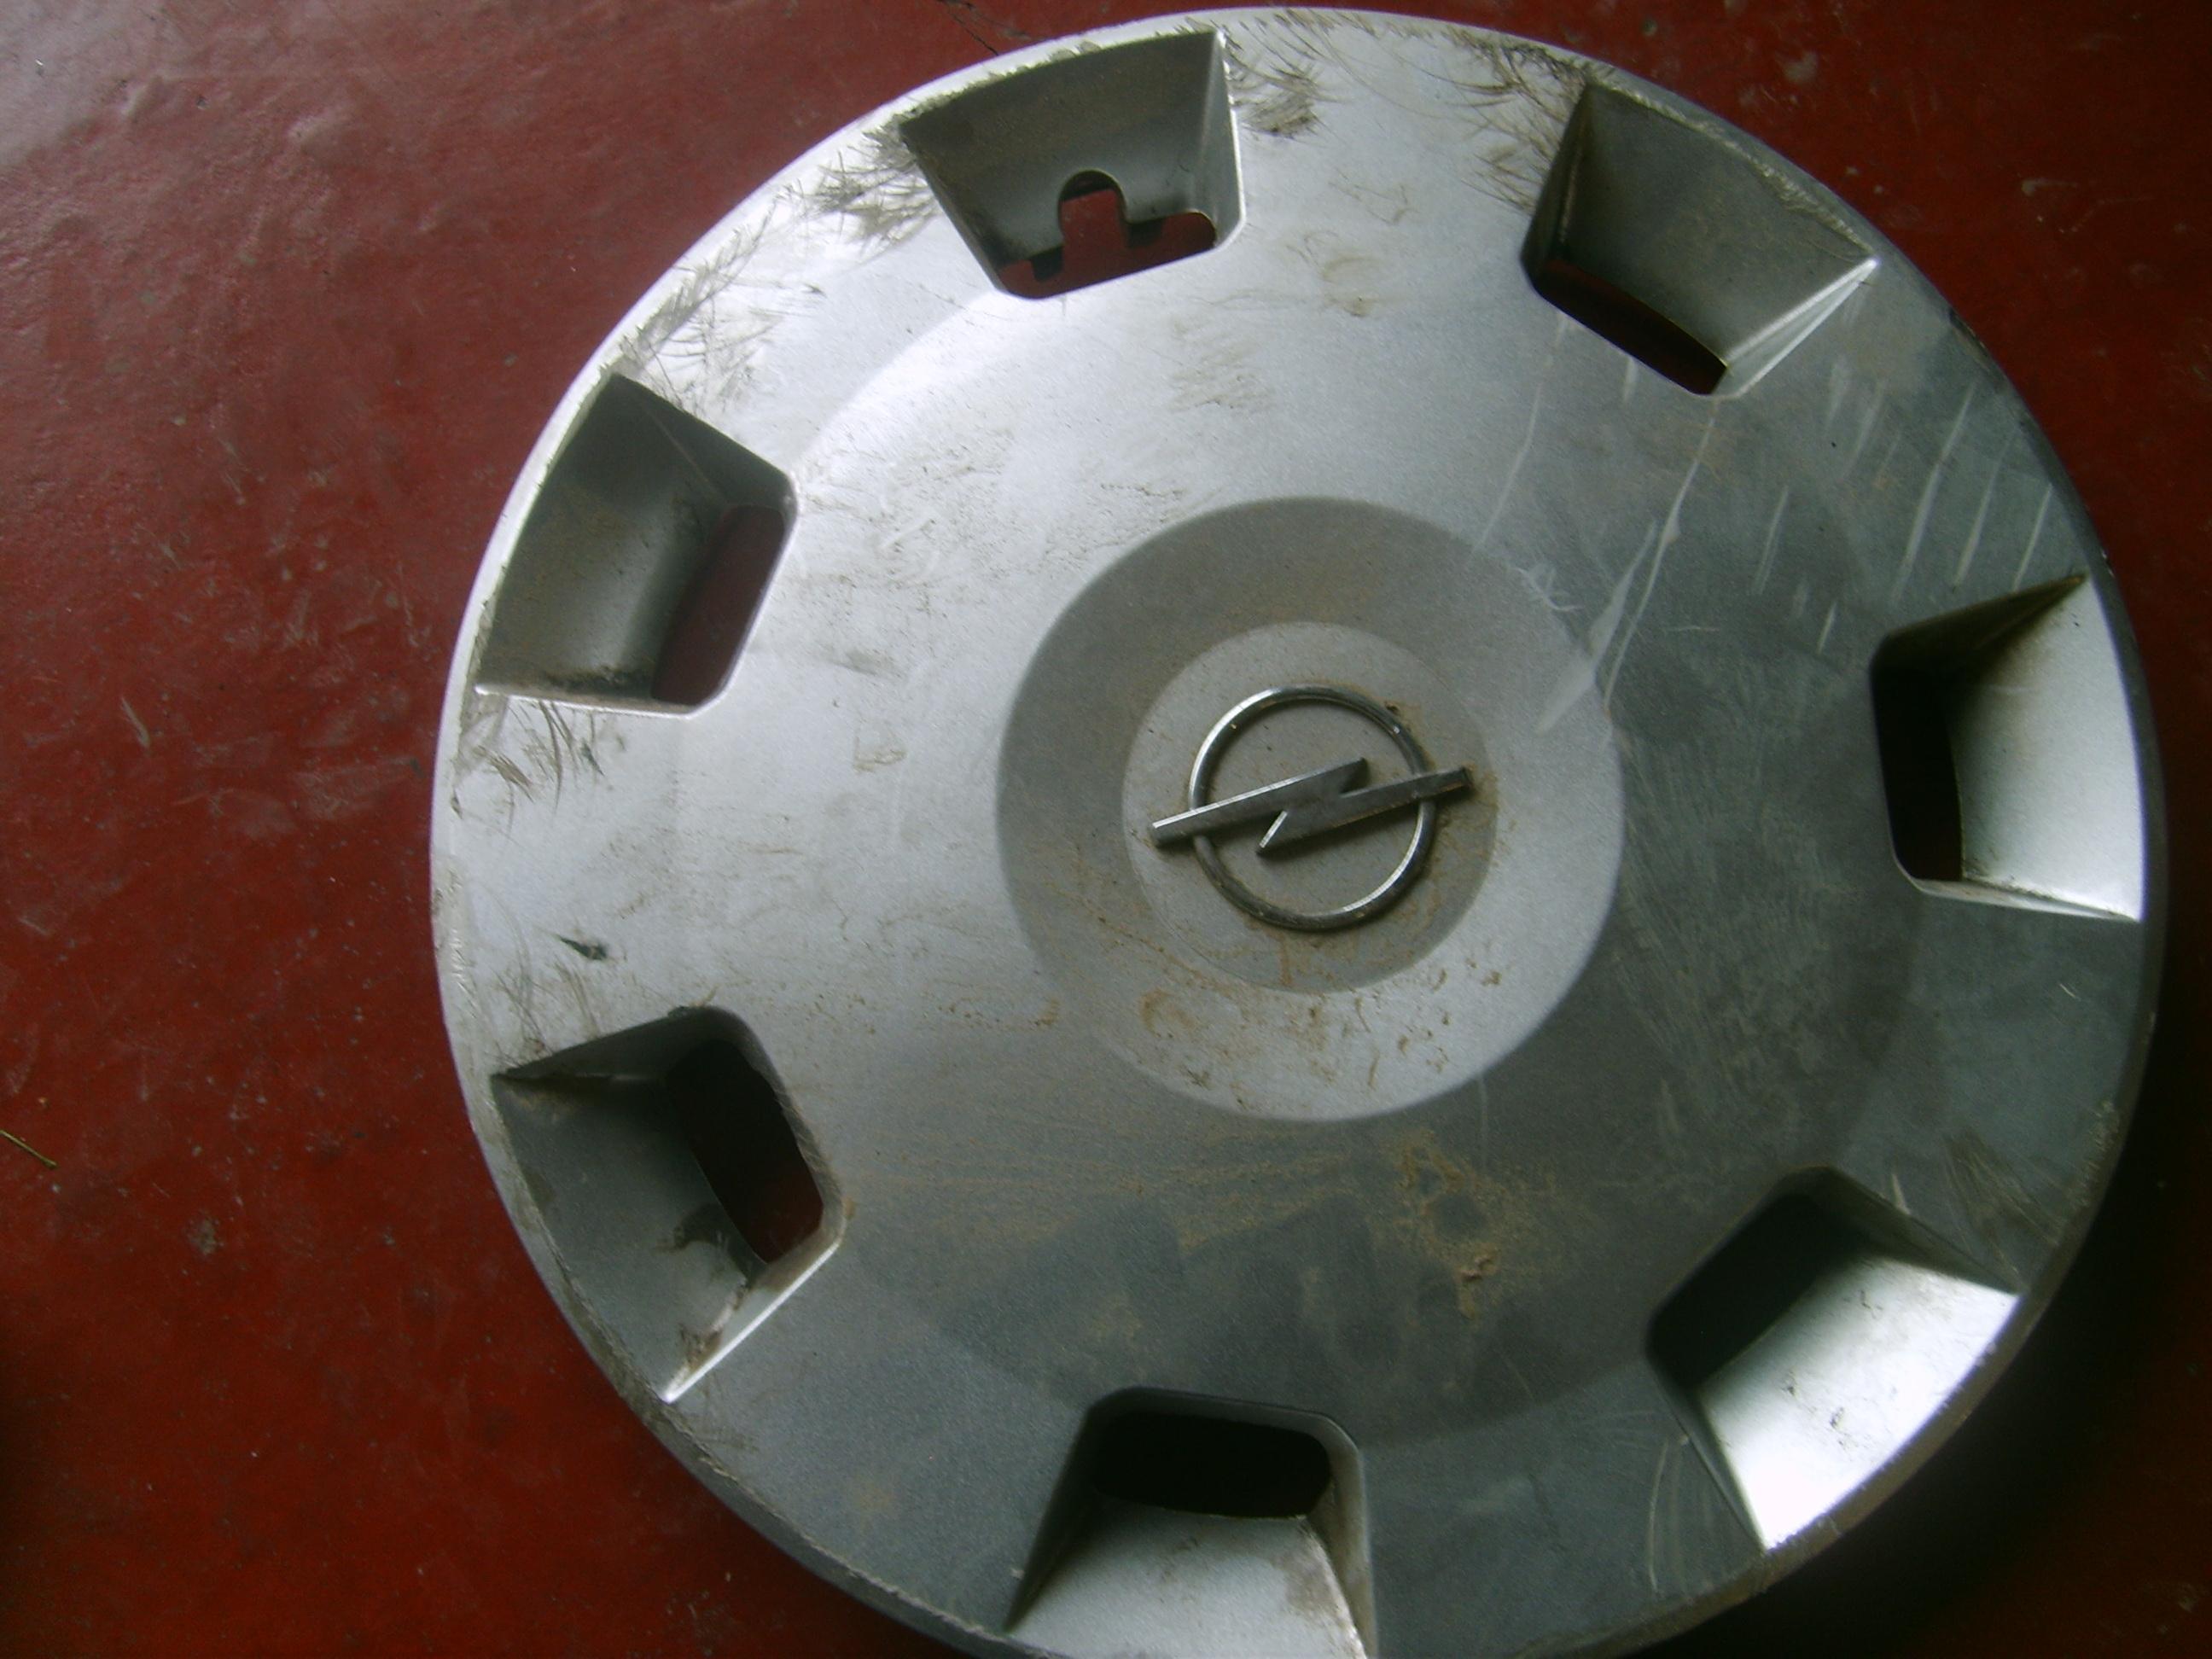 8.95€ Opel Corsa C wielschijf met schade